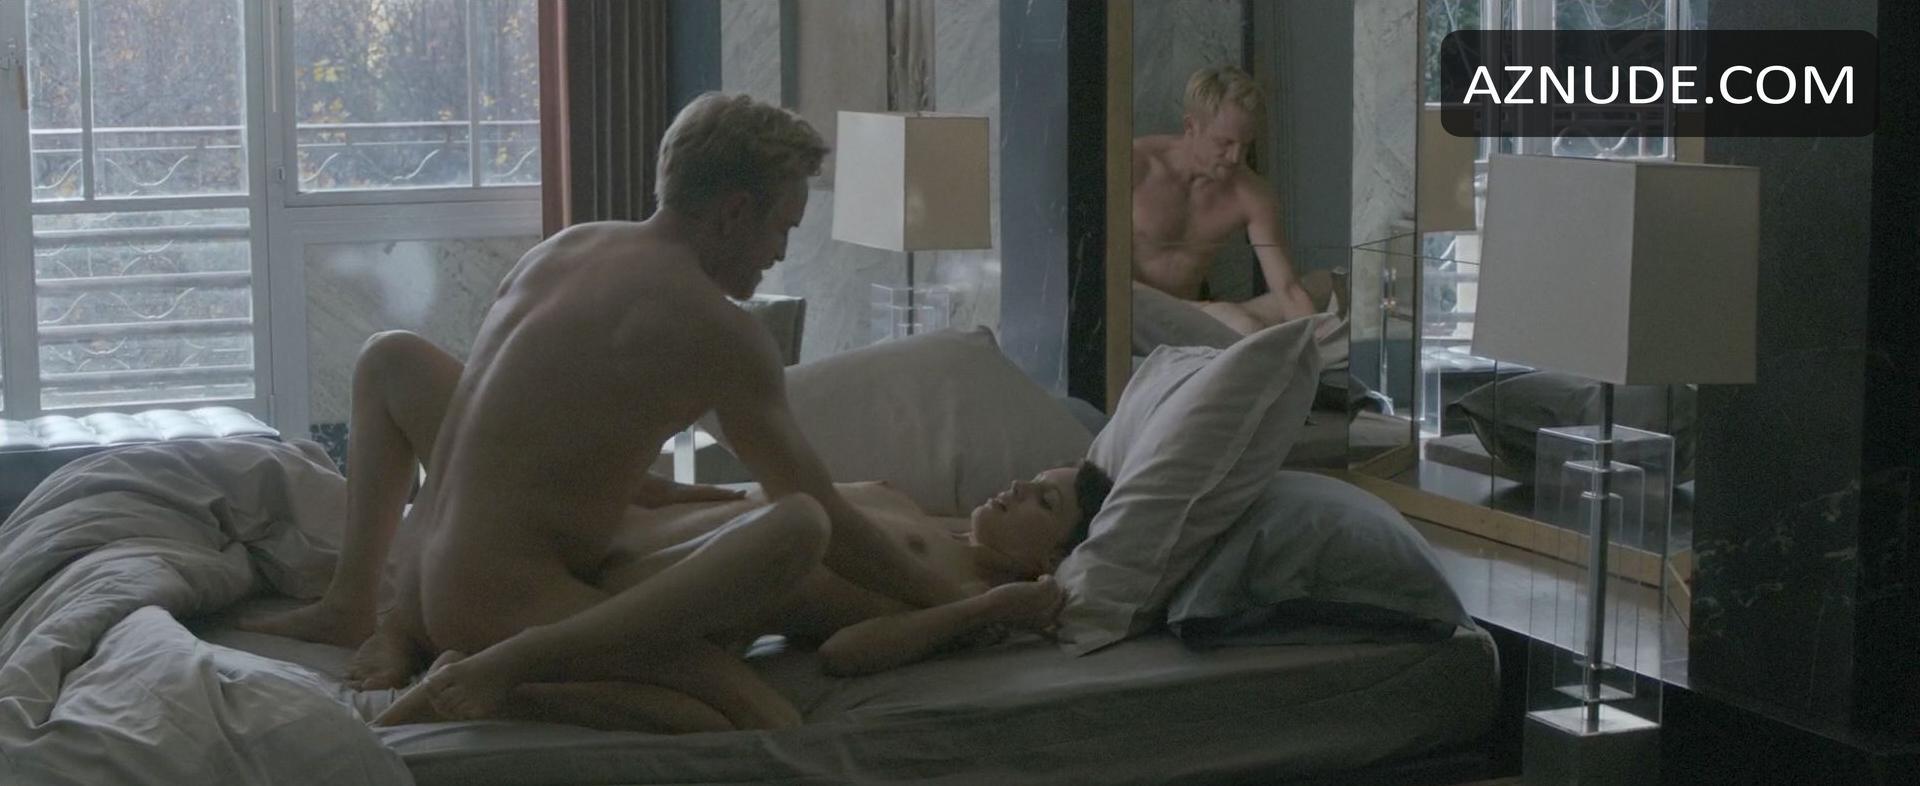 Porno photo Marcella anal fisting